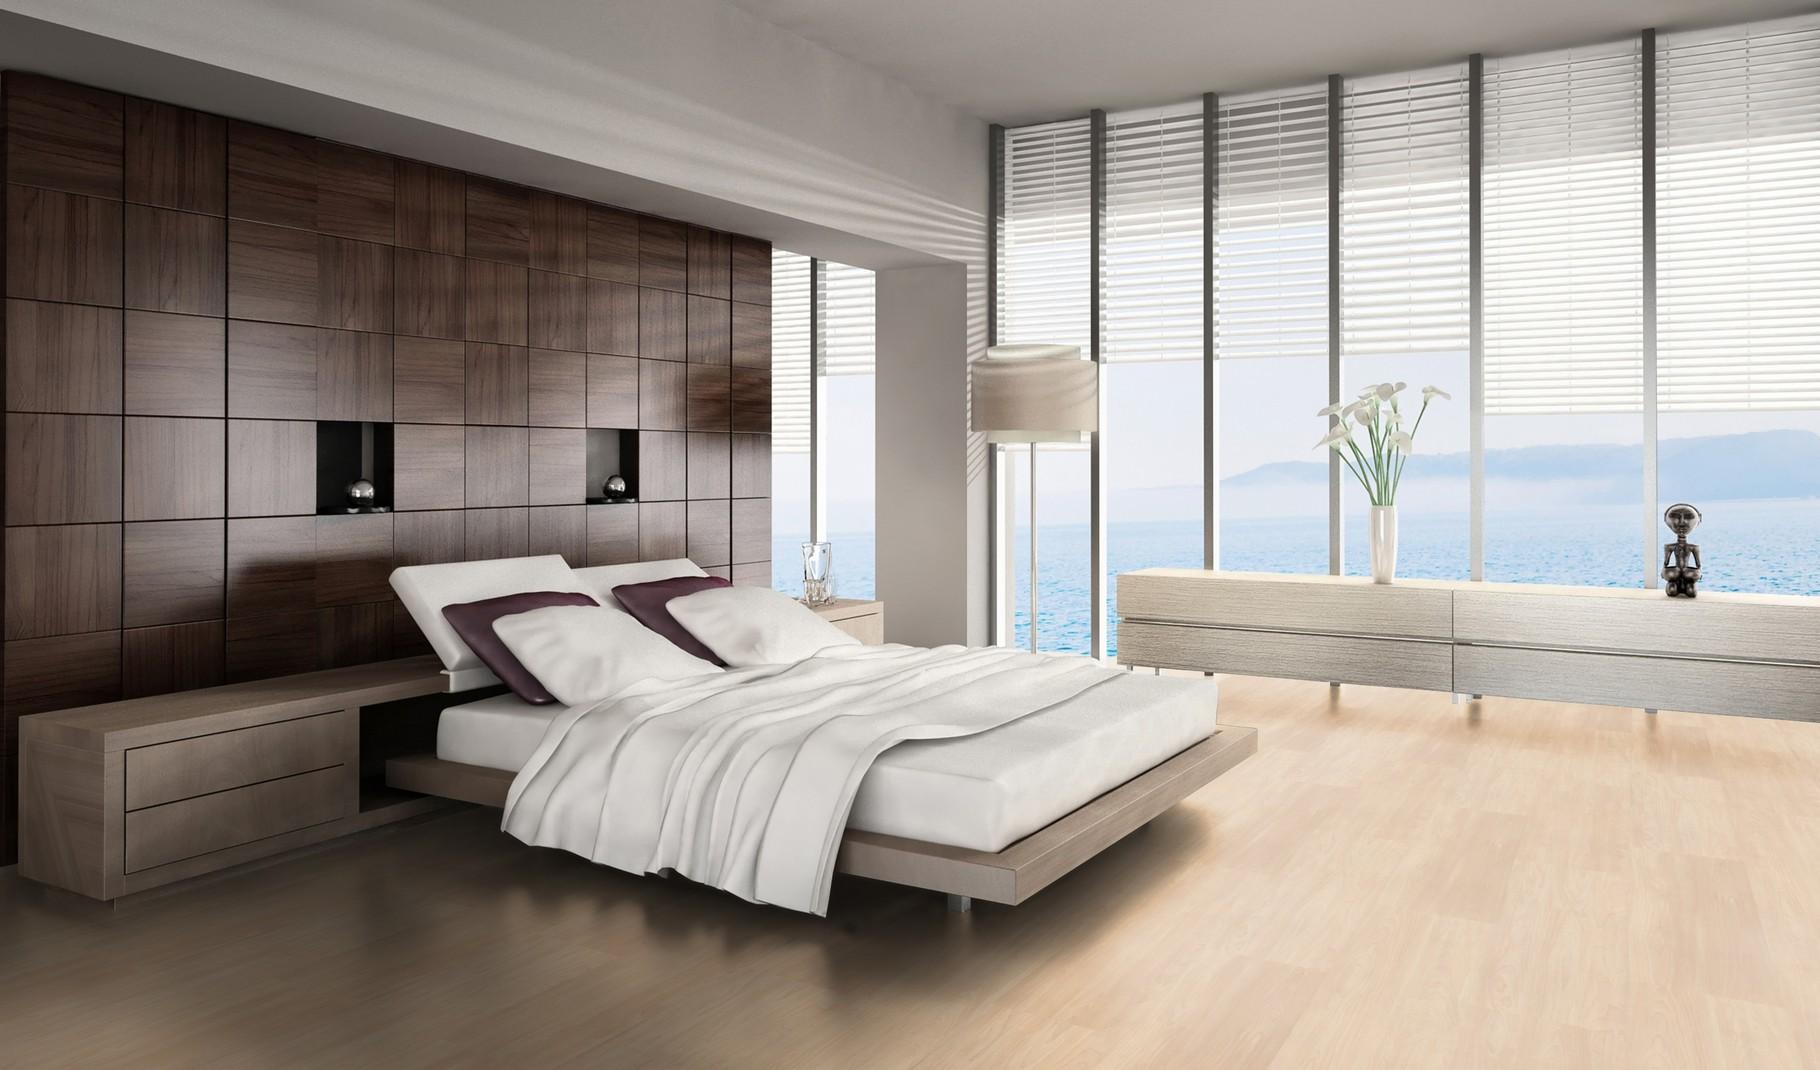 fliesen f r den wohnbereich chemnitzer fliesenhandel. Black Bedroom Furniture Sets. Home Design Ideas